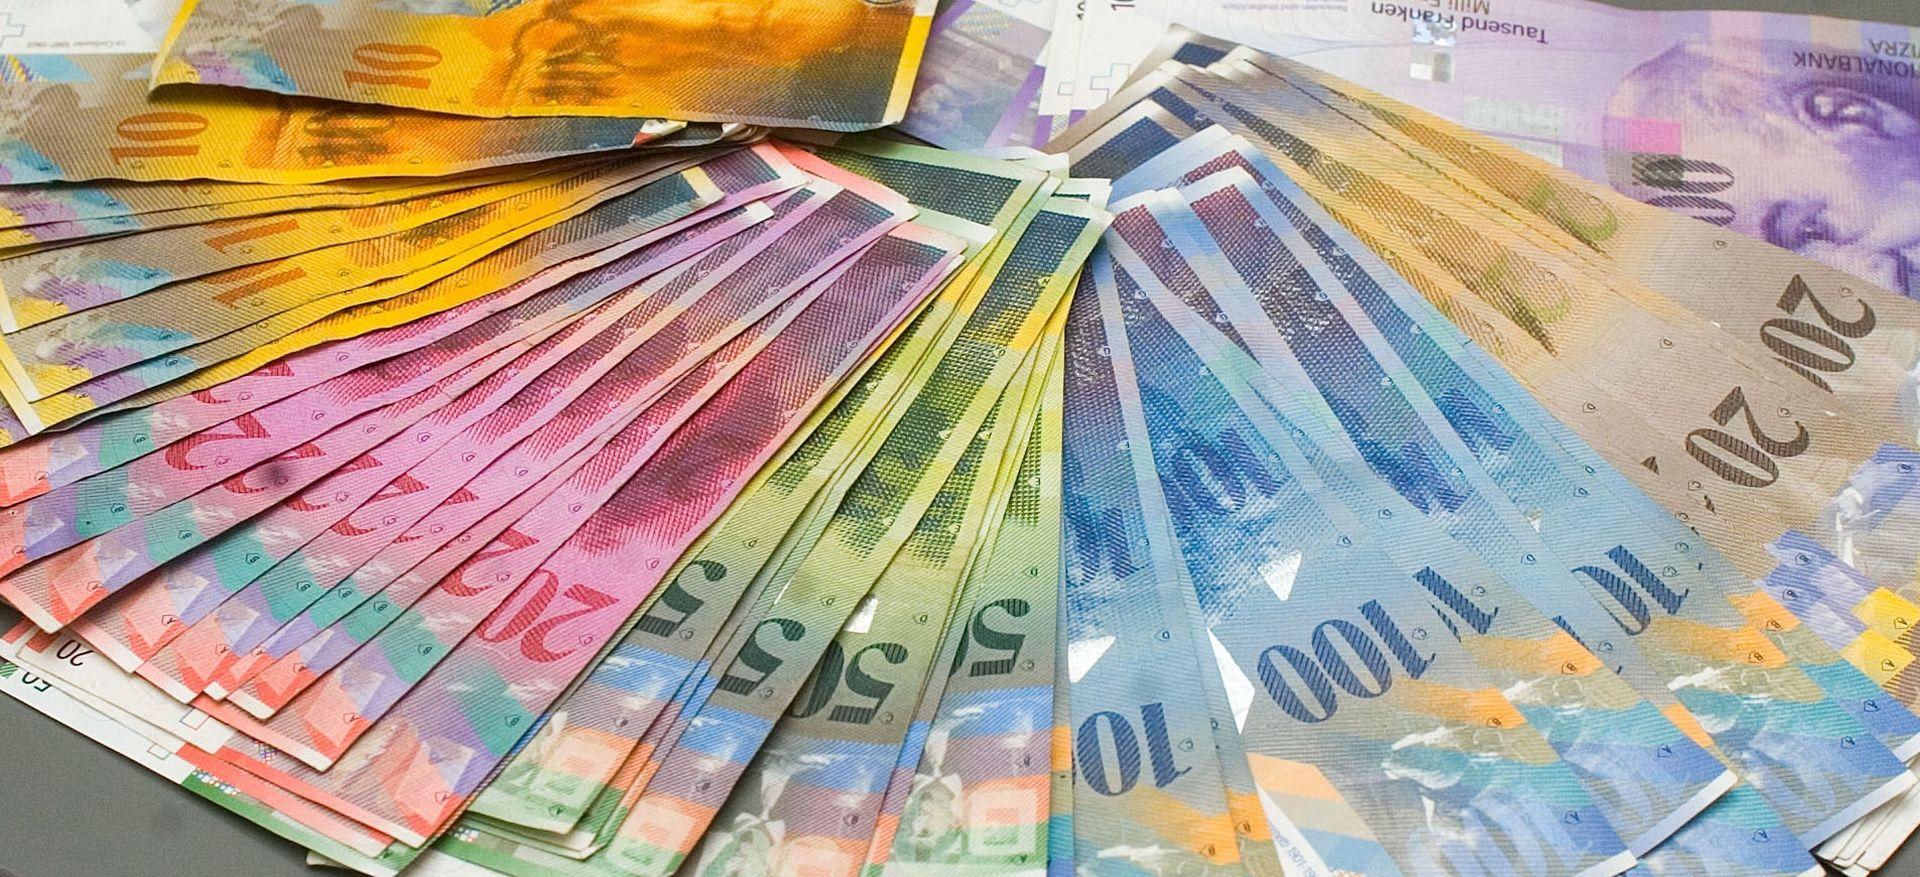 Banke bez komentara odluke Ustavnog suda, tvrde da se drže zakona